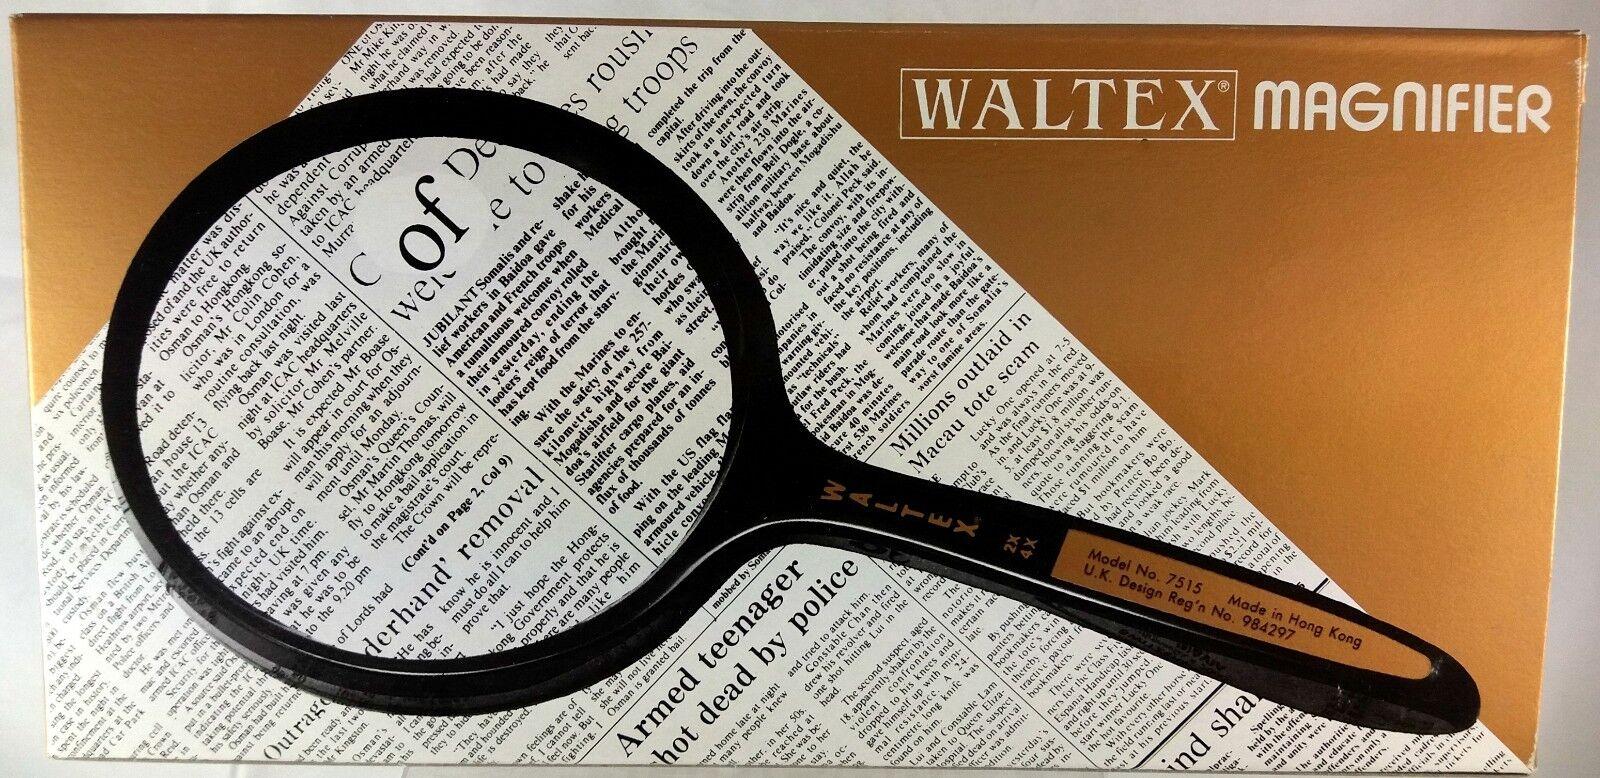 Waltex, Rond Vergrootglas Dubbele Focus, vergroting van 2x en 4x (VG10)